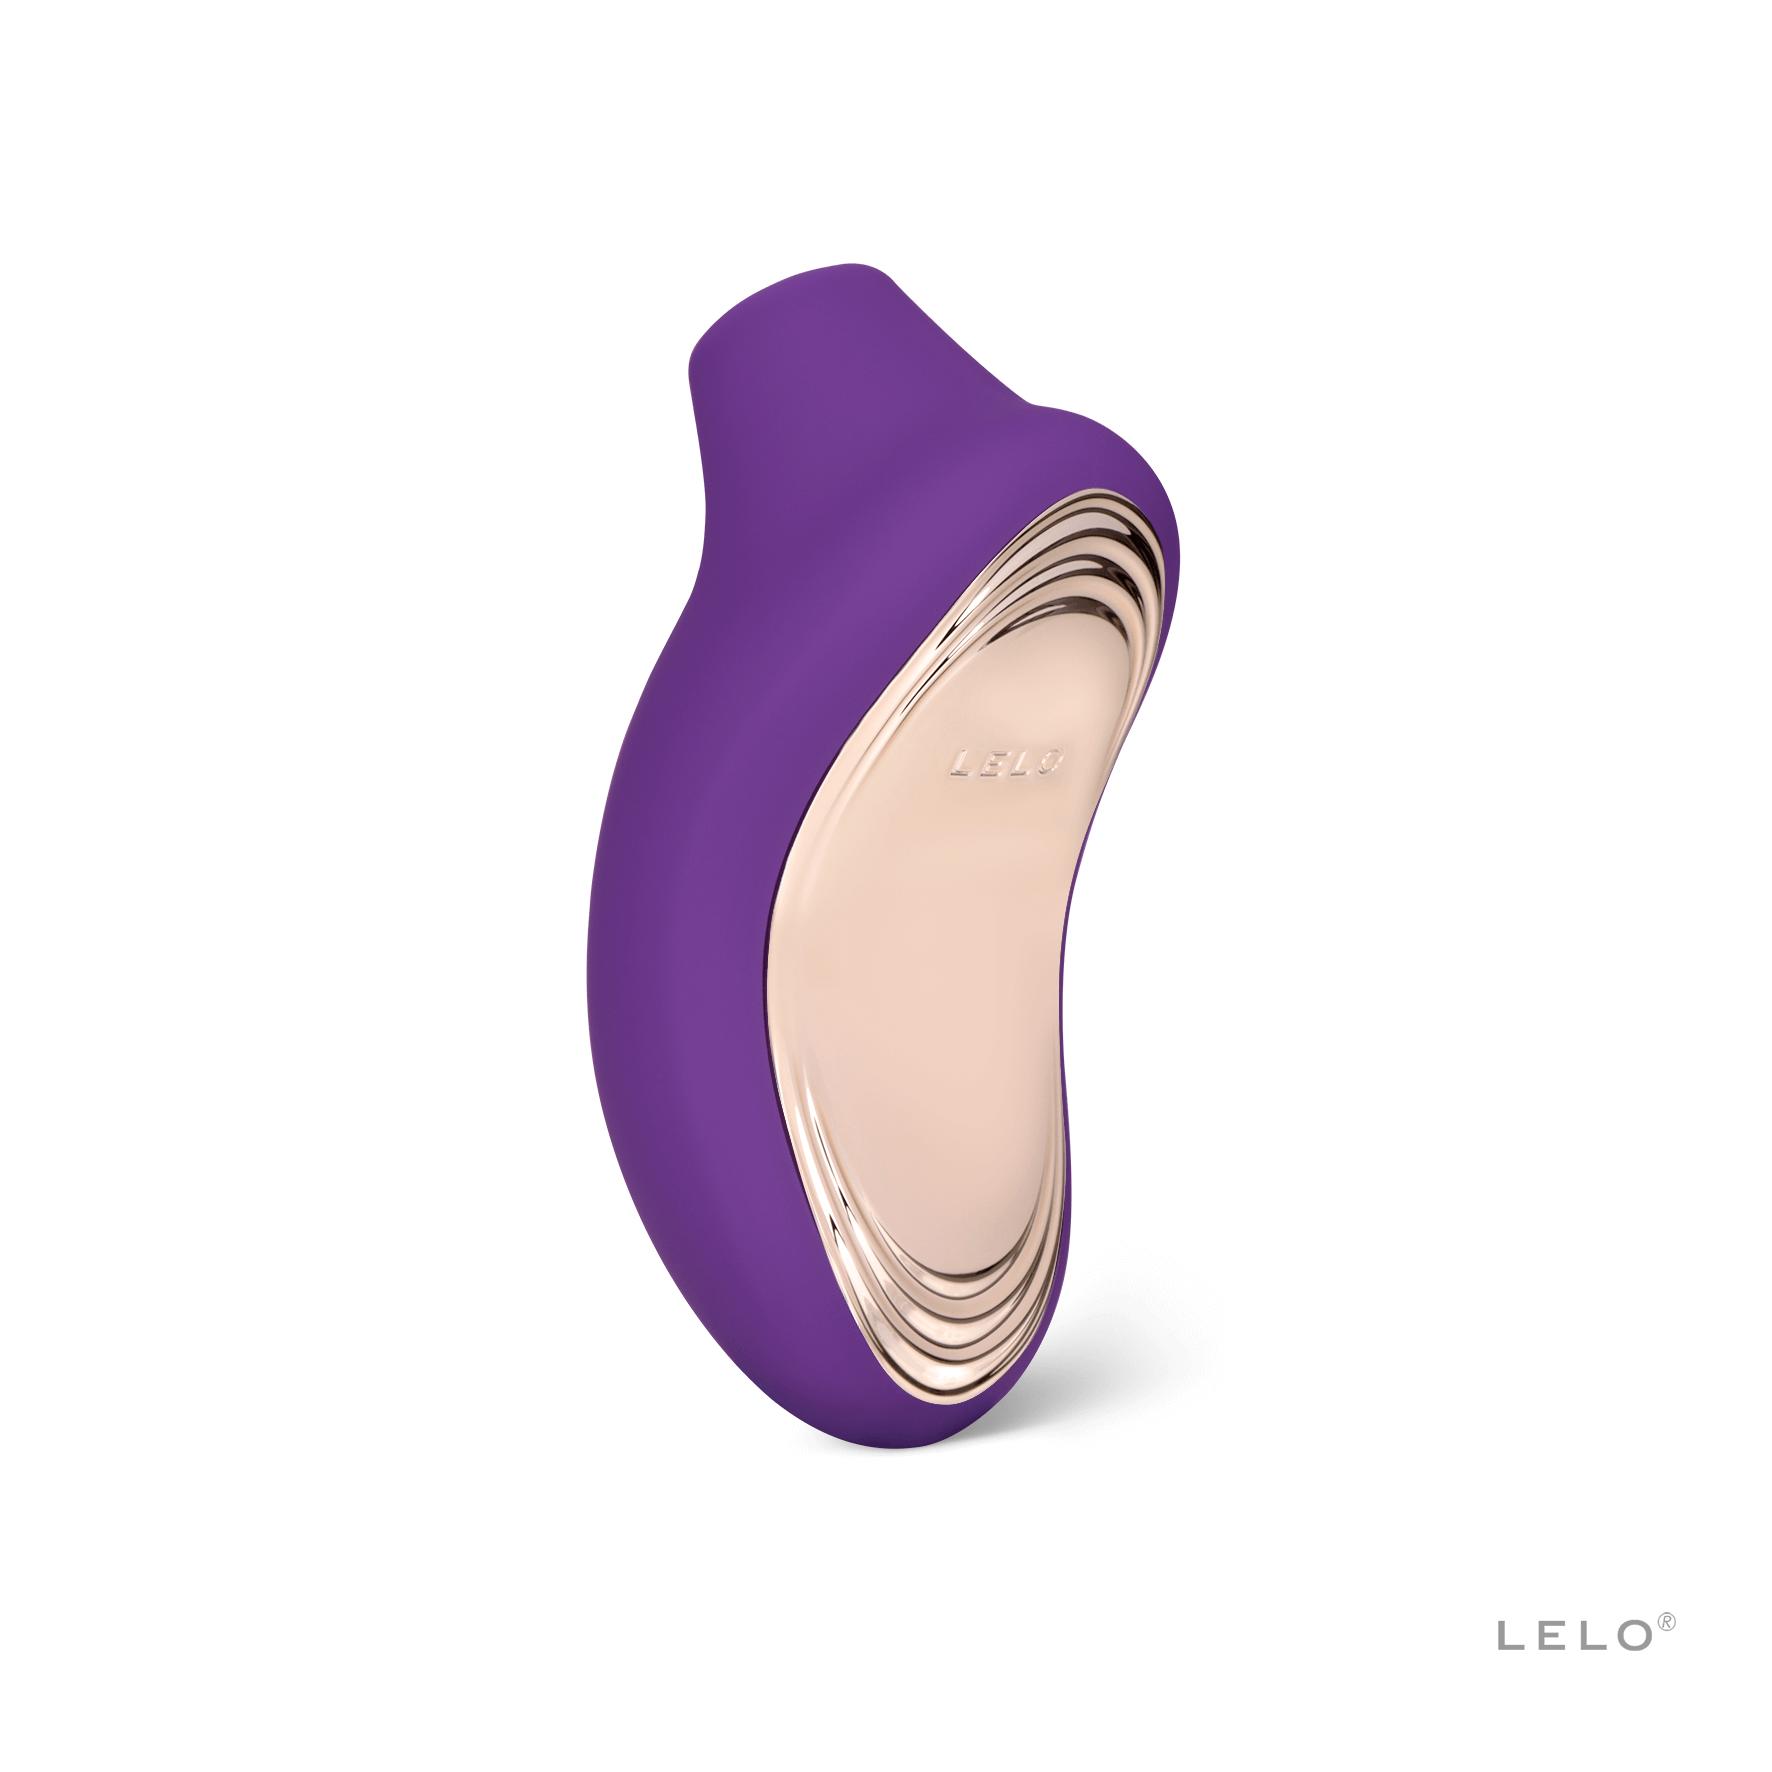 LELO Sona 2 fialová